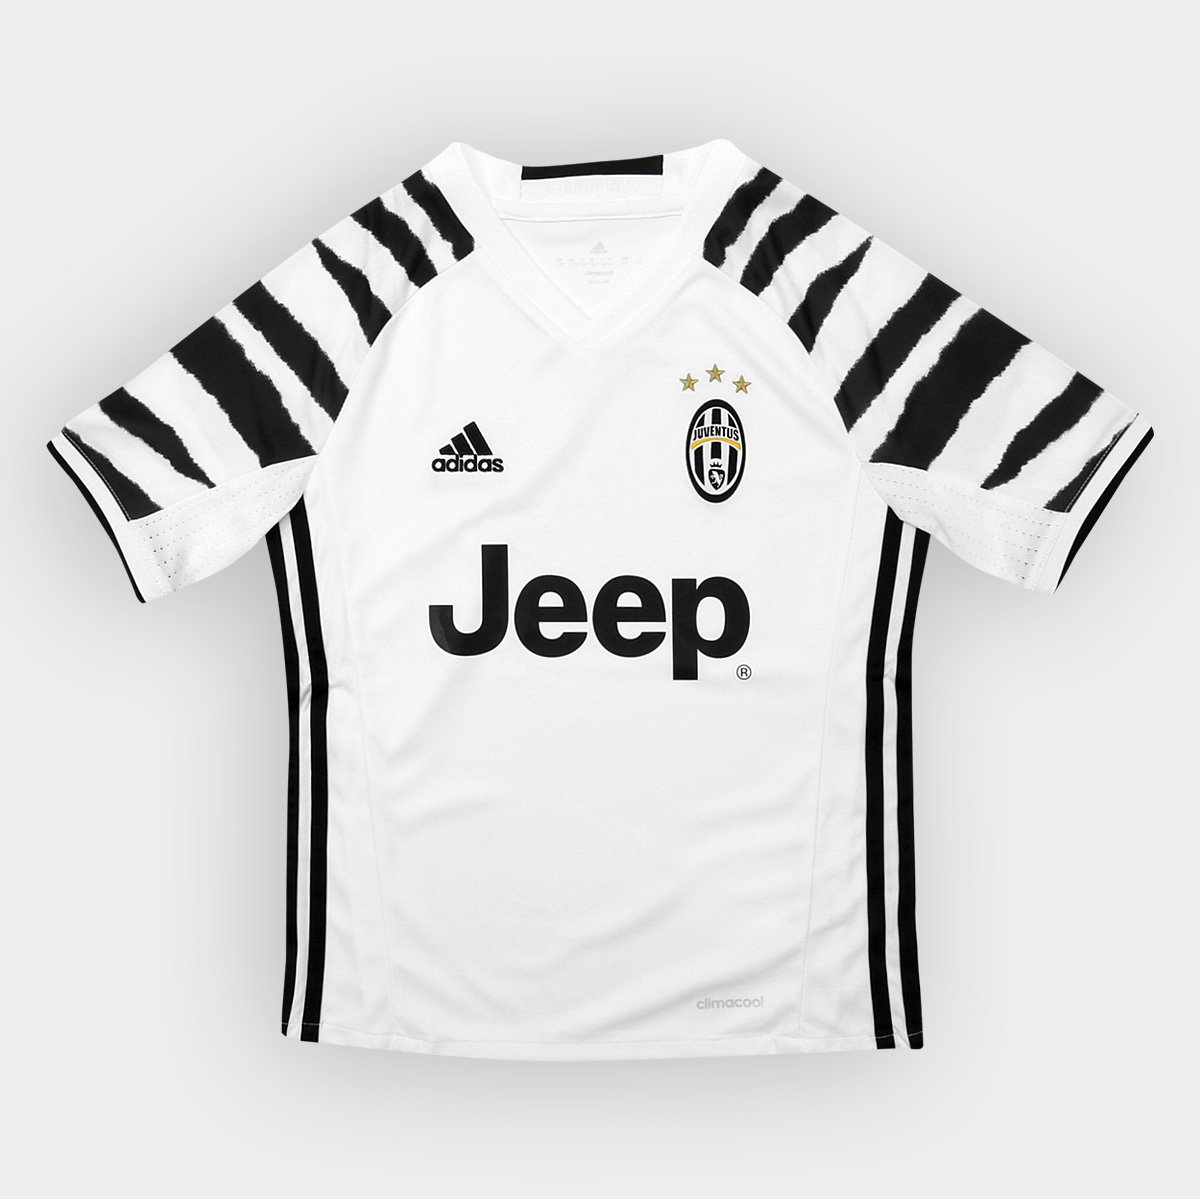 Camisa Juventus Infantil Third 16 17 s nº Torcedor Adidas - Compre Agora  c7ce17b4edffb